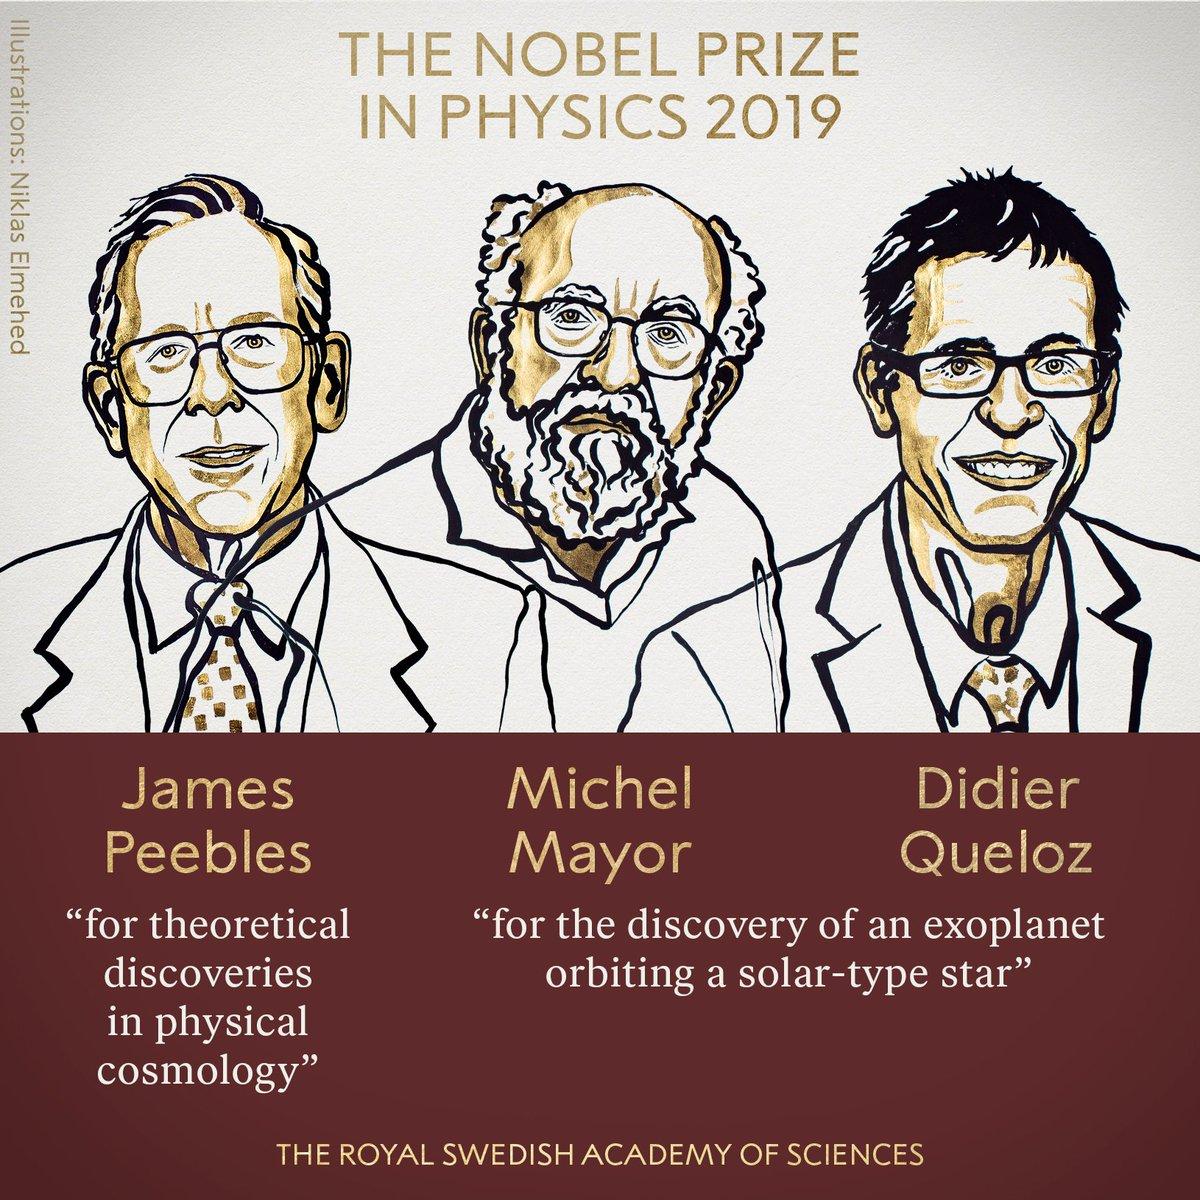 2019年诺贝尔物理学奖揭晓:他们仨让我们重新认识宇宙